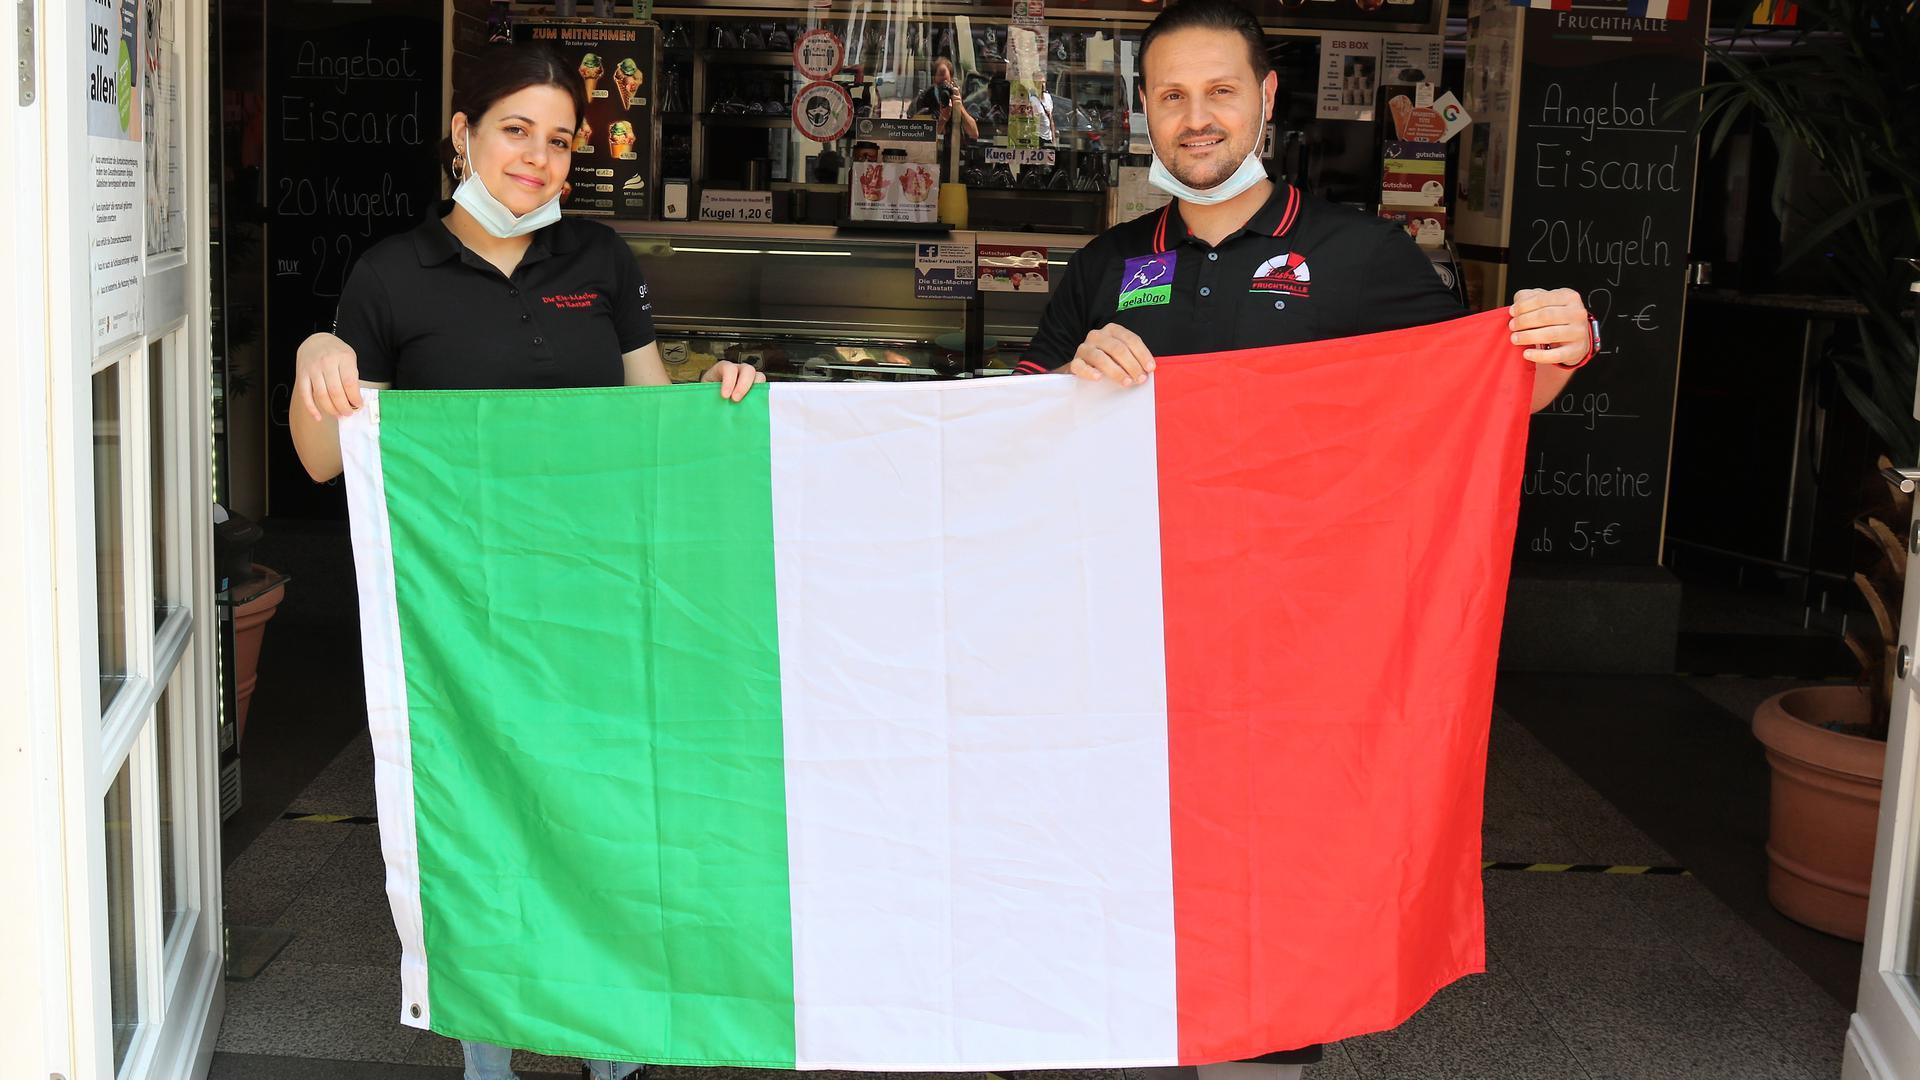 Eine Frau und ein Mann mit einer Italien-Fahne.